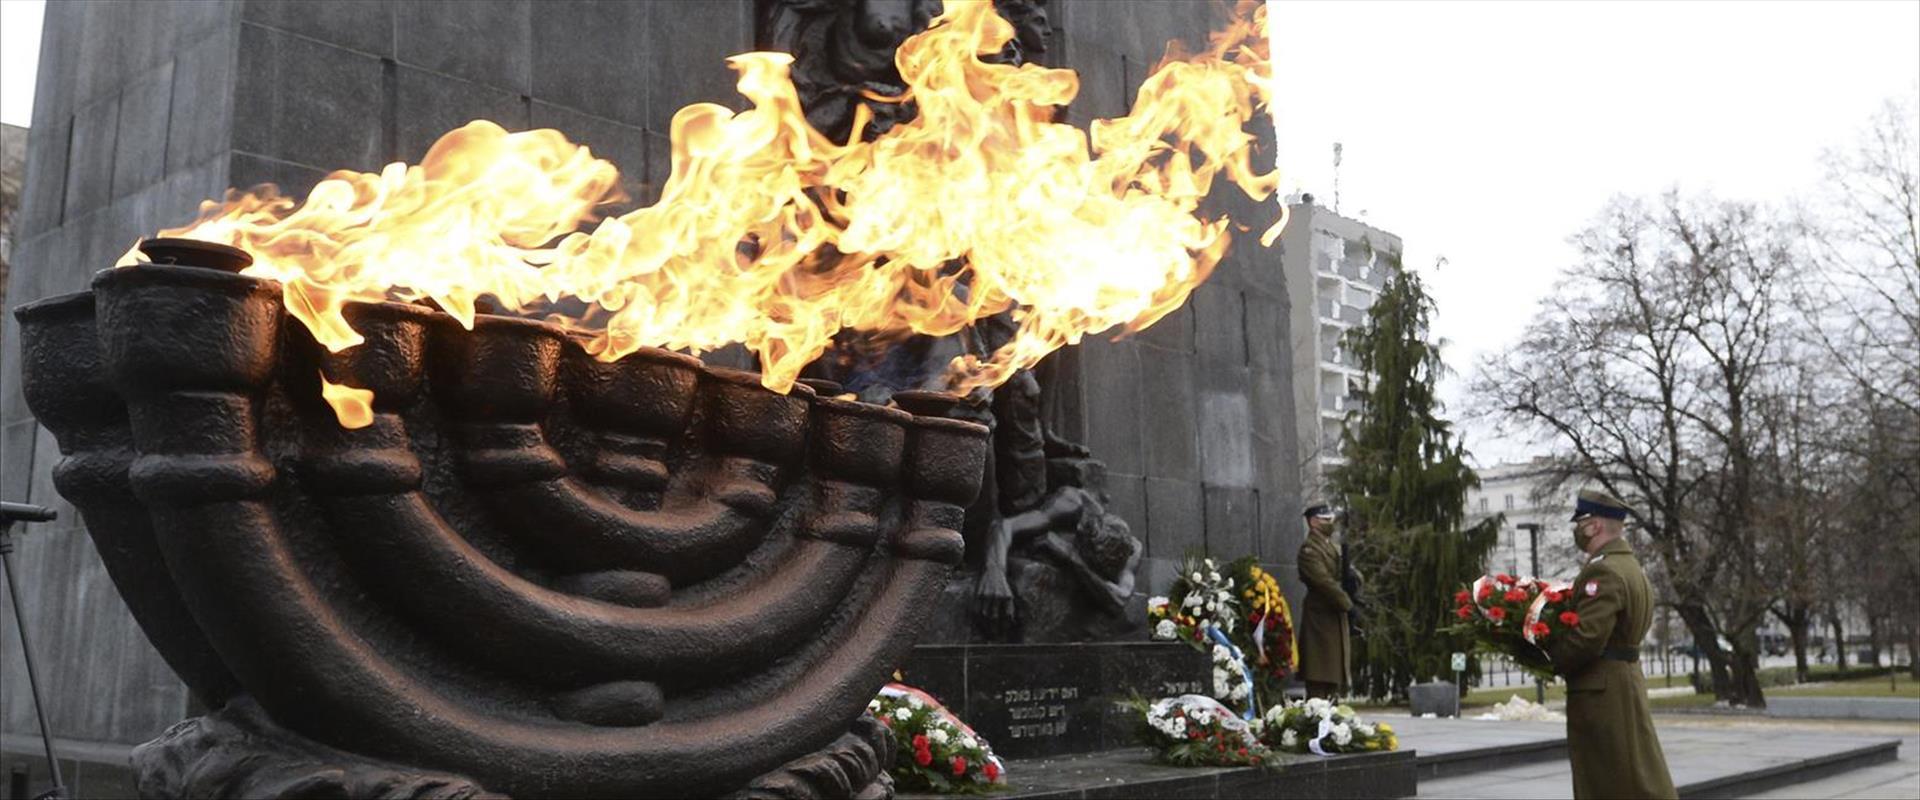 אנדרטה לזכר השואה בפולין